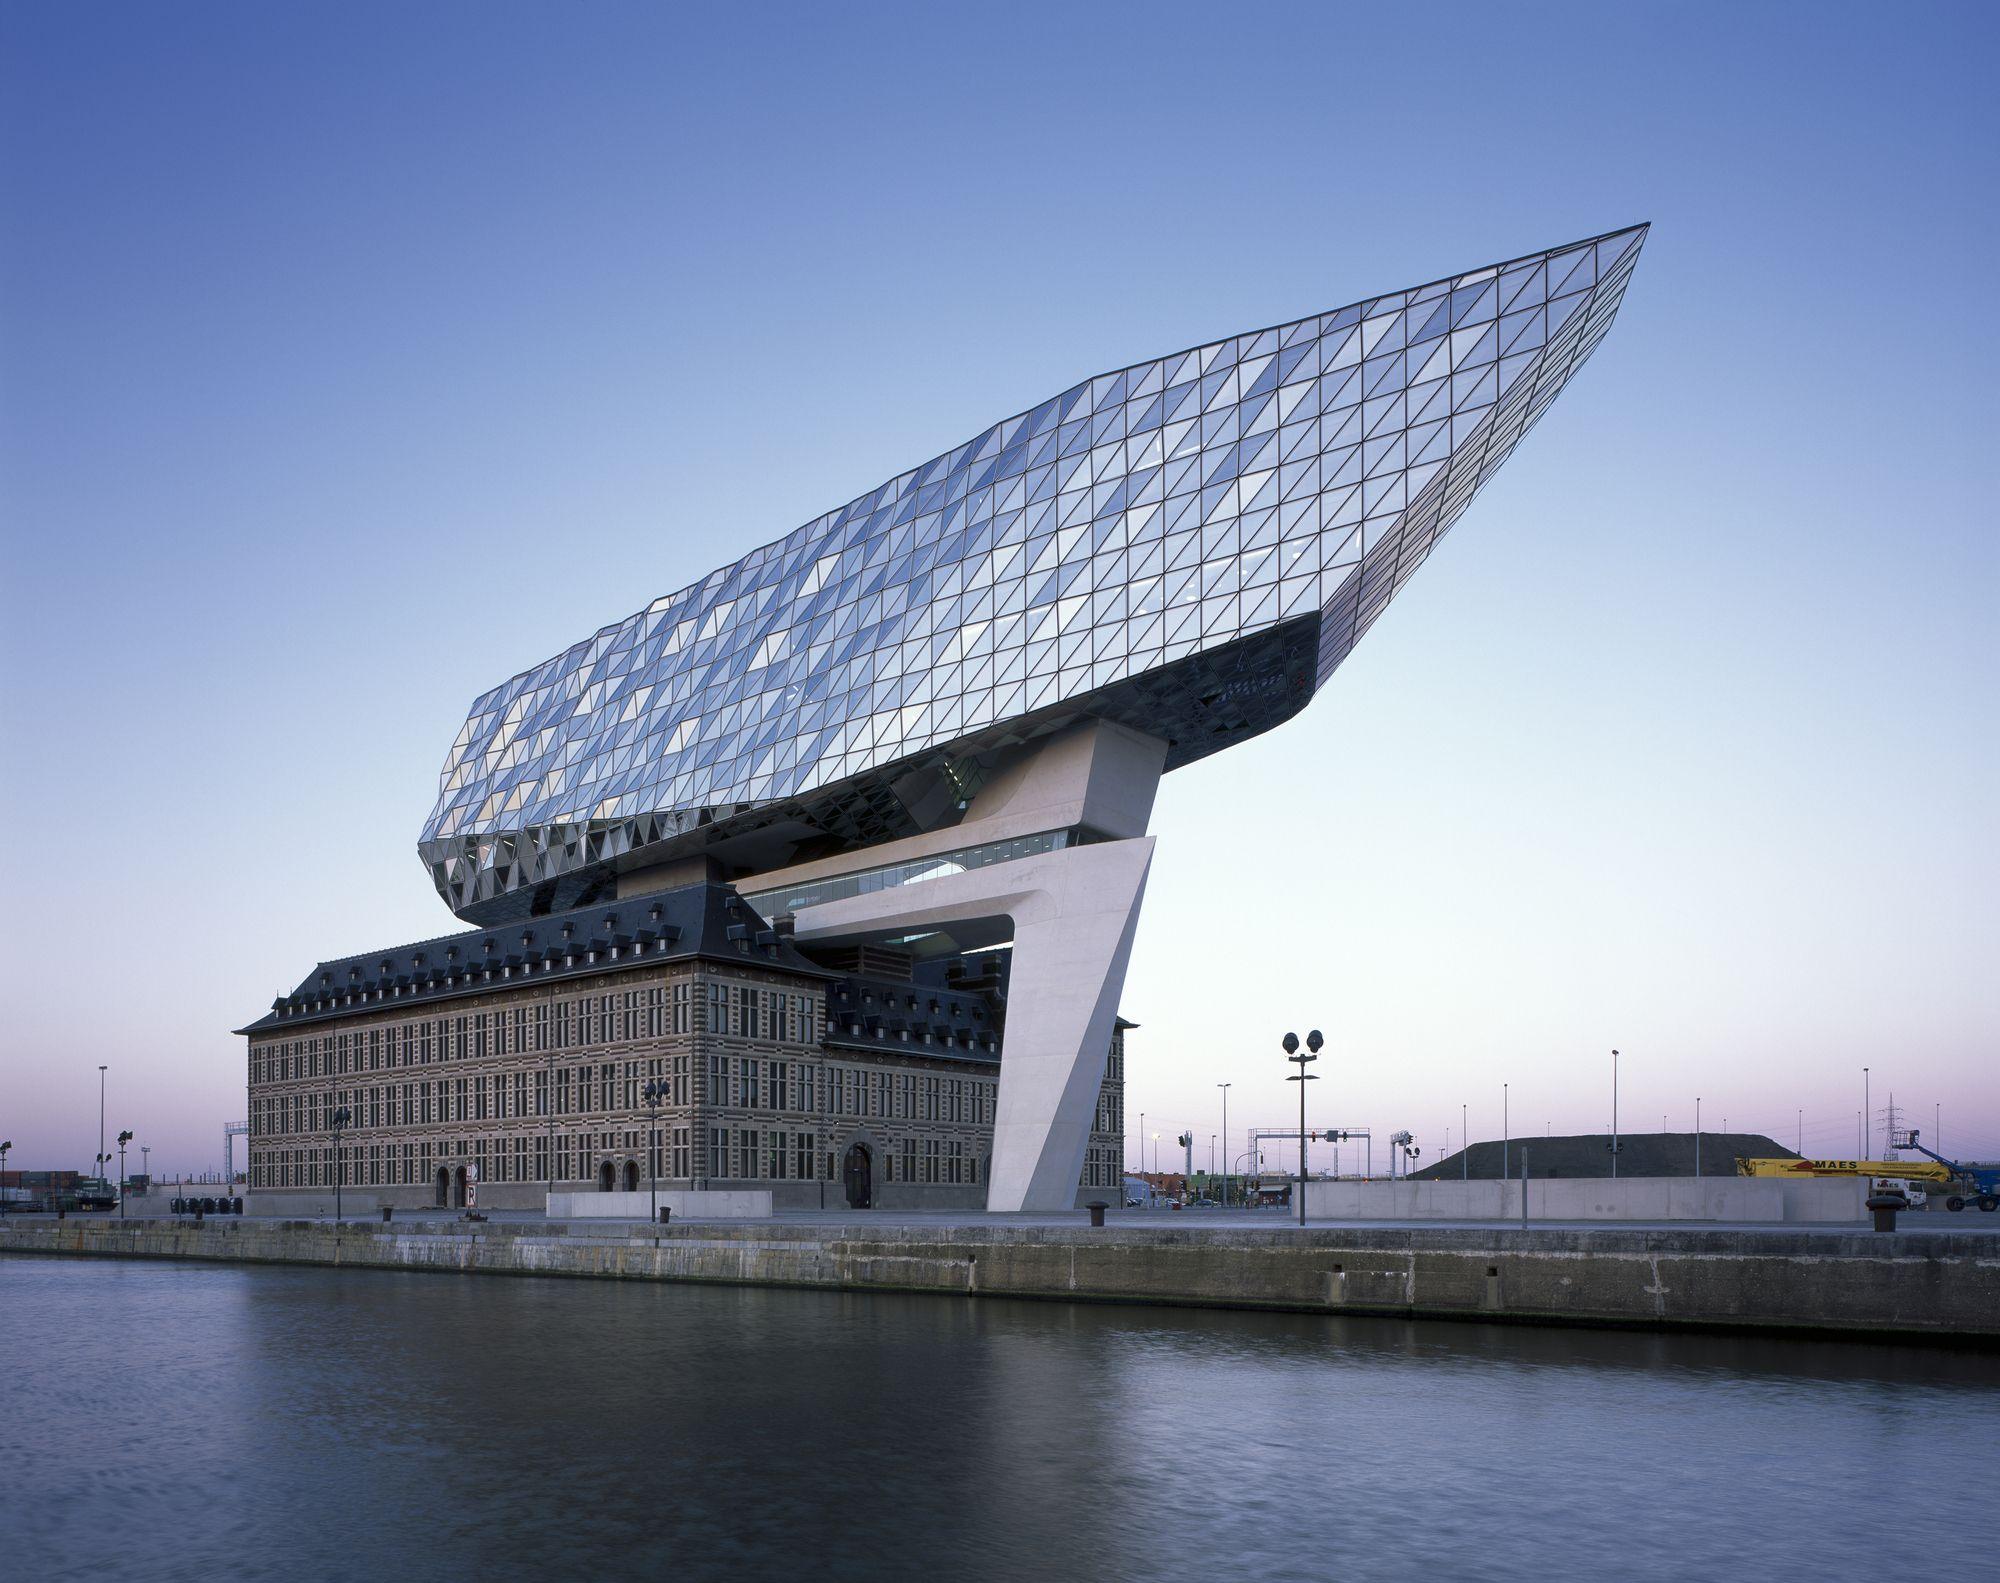 Gallery Of Antwerp Port House Zaha Hadid Architects Zaha